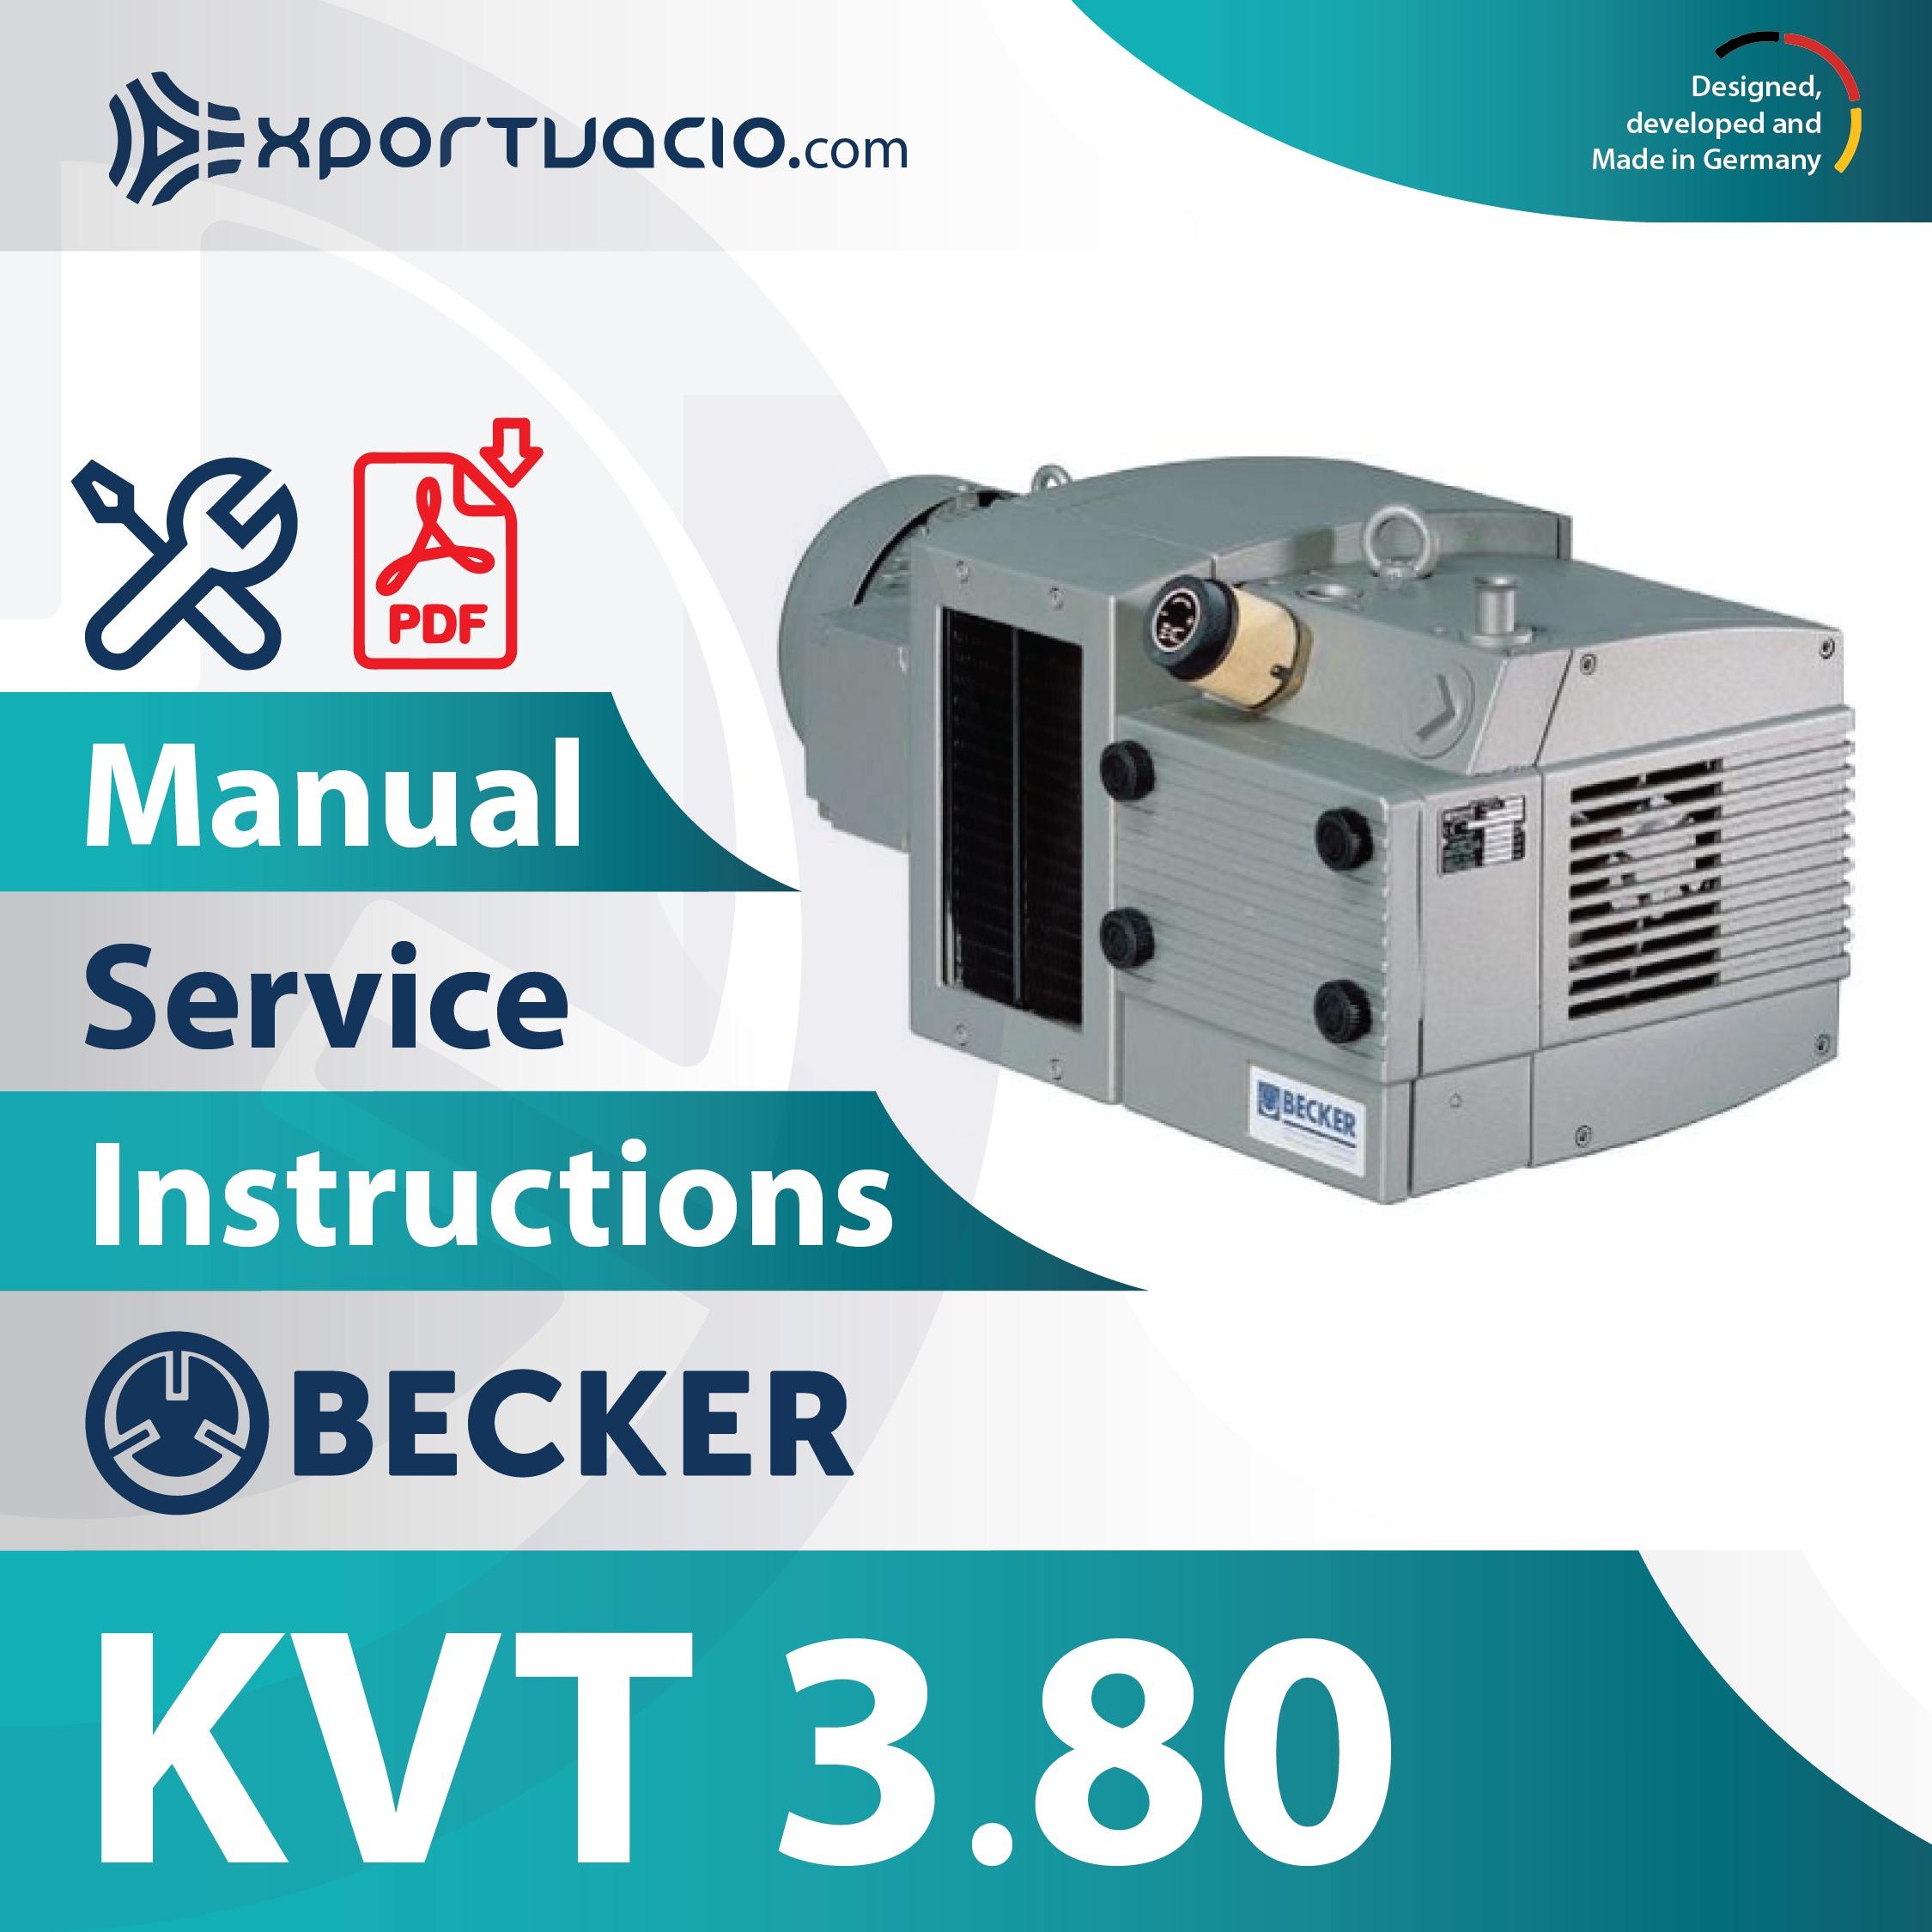 Becker KVT 3.80